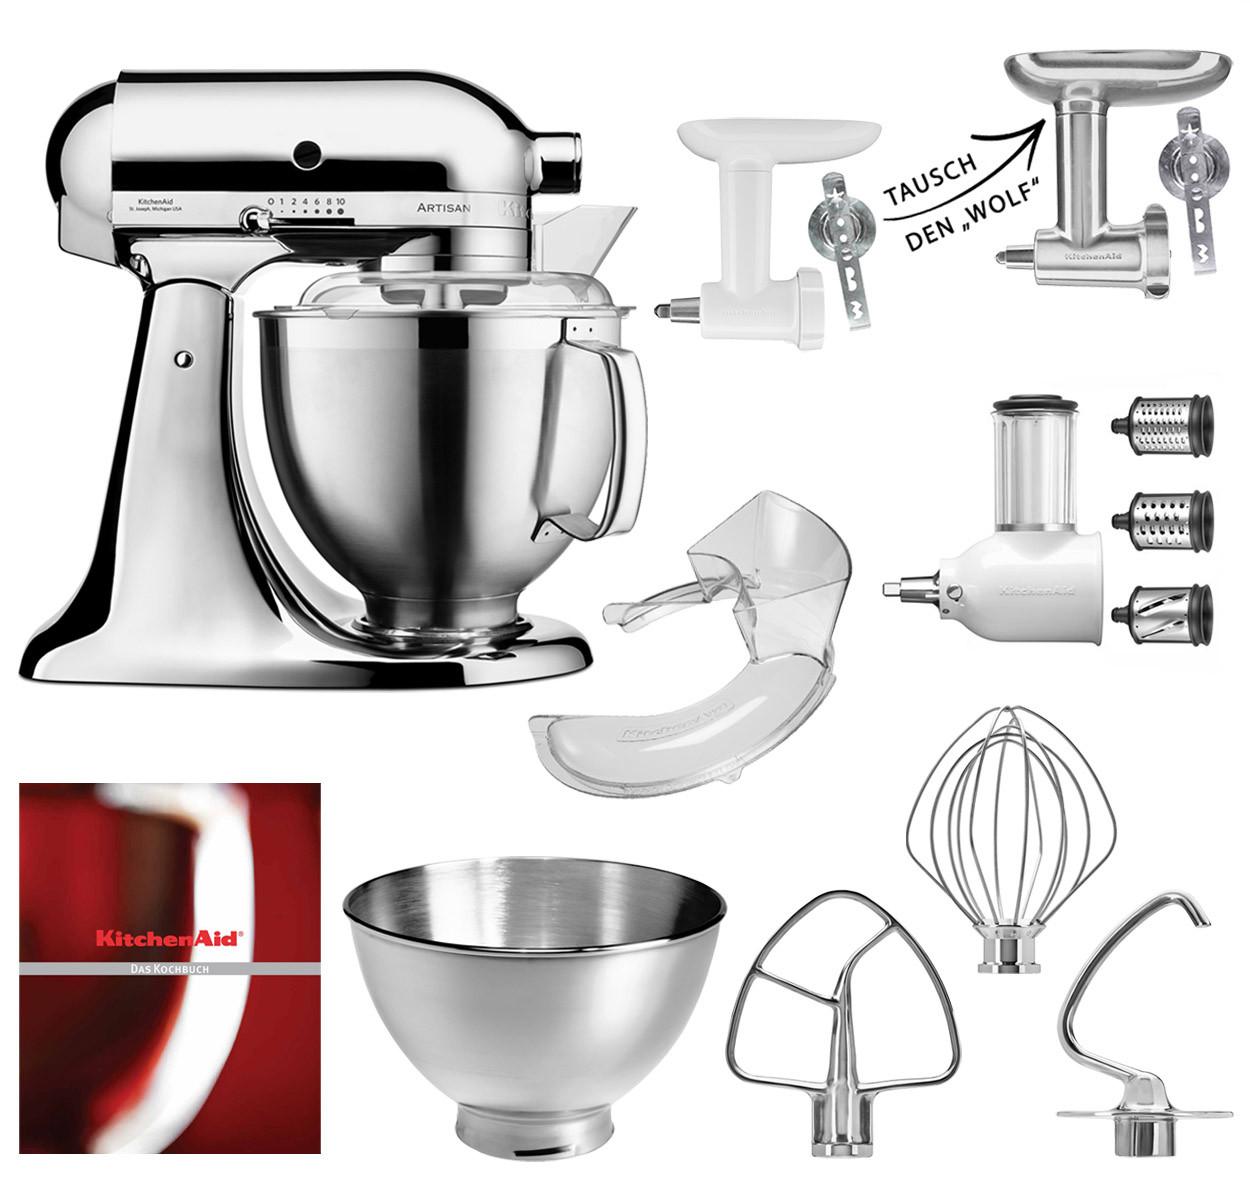 KitchenAid Küchenmaschine 185PS Fleischwolf Gemüse Set Premium Edition